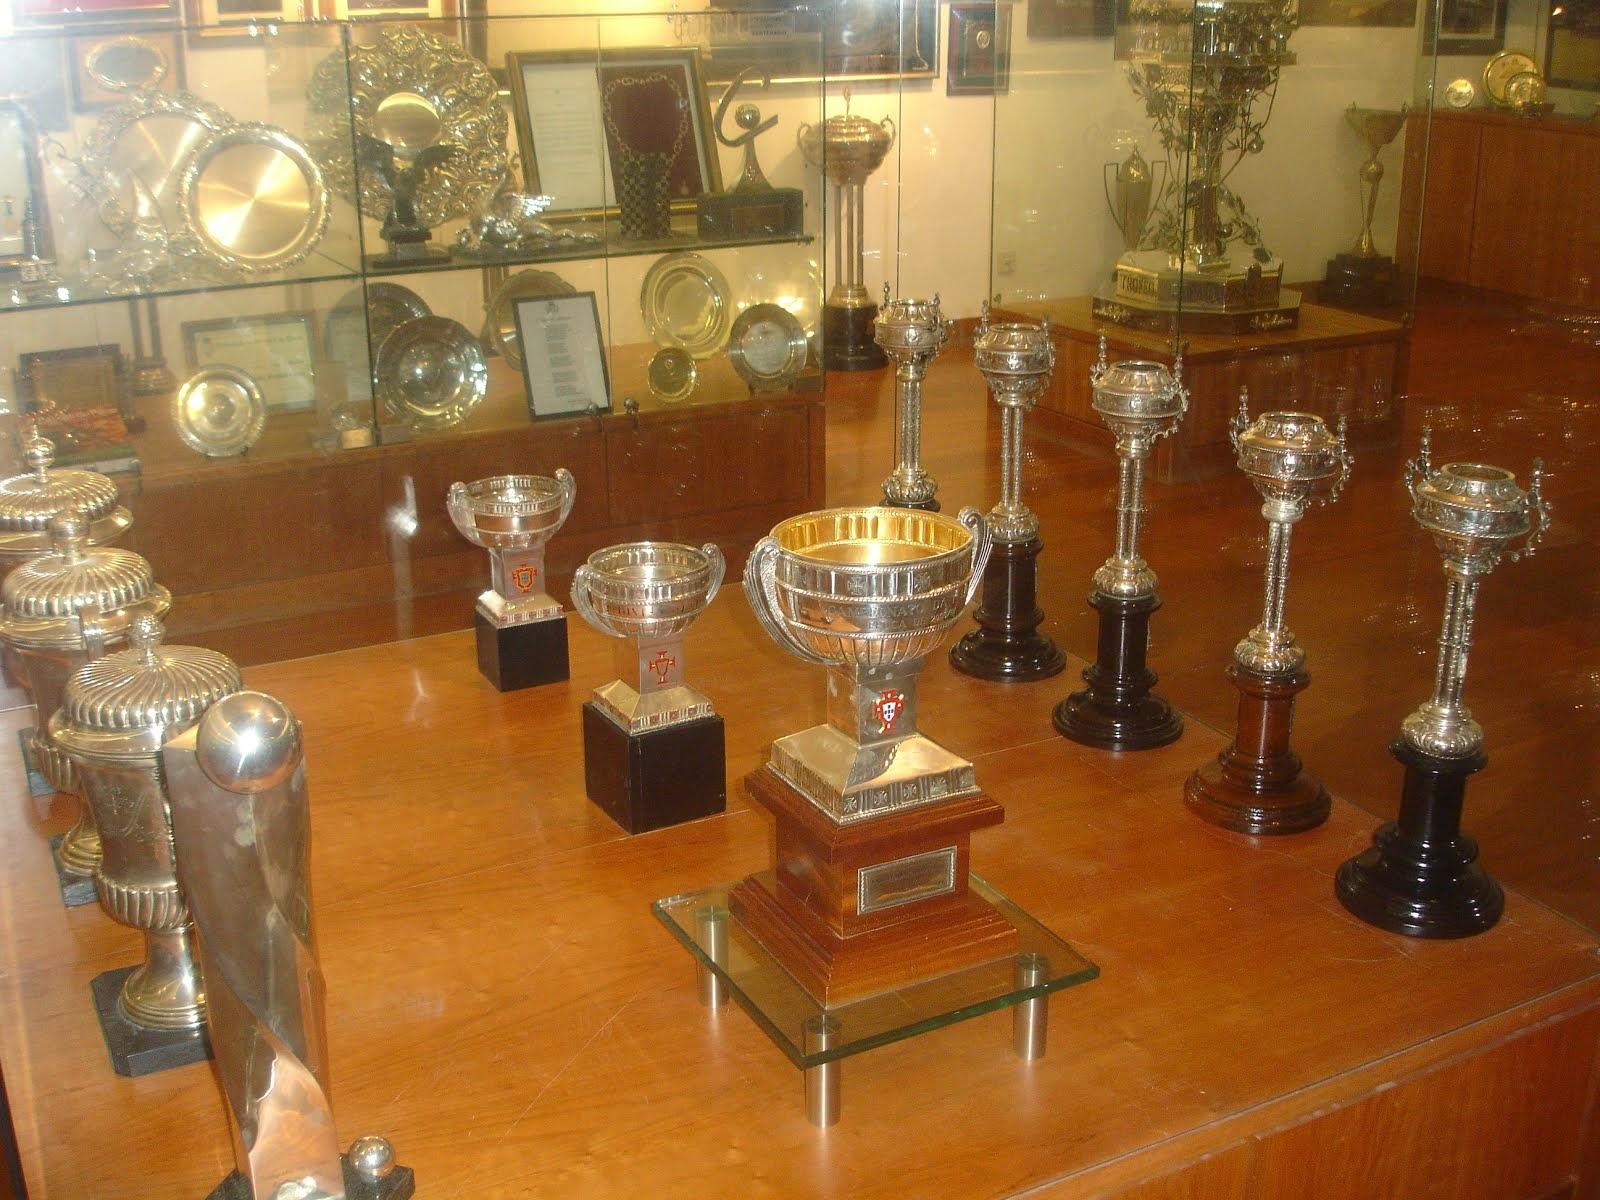 Visitas a Museus REAIS do Futebol